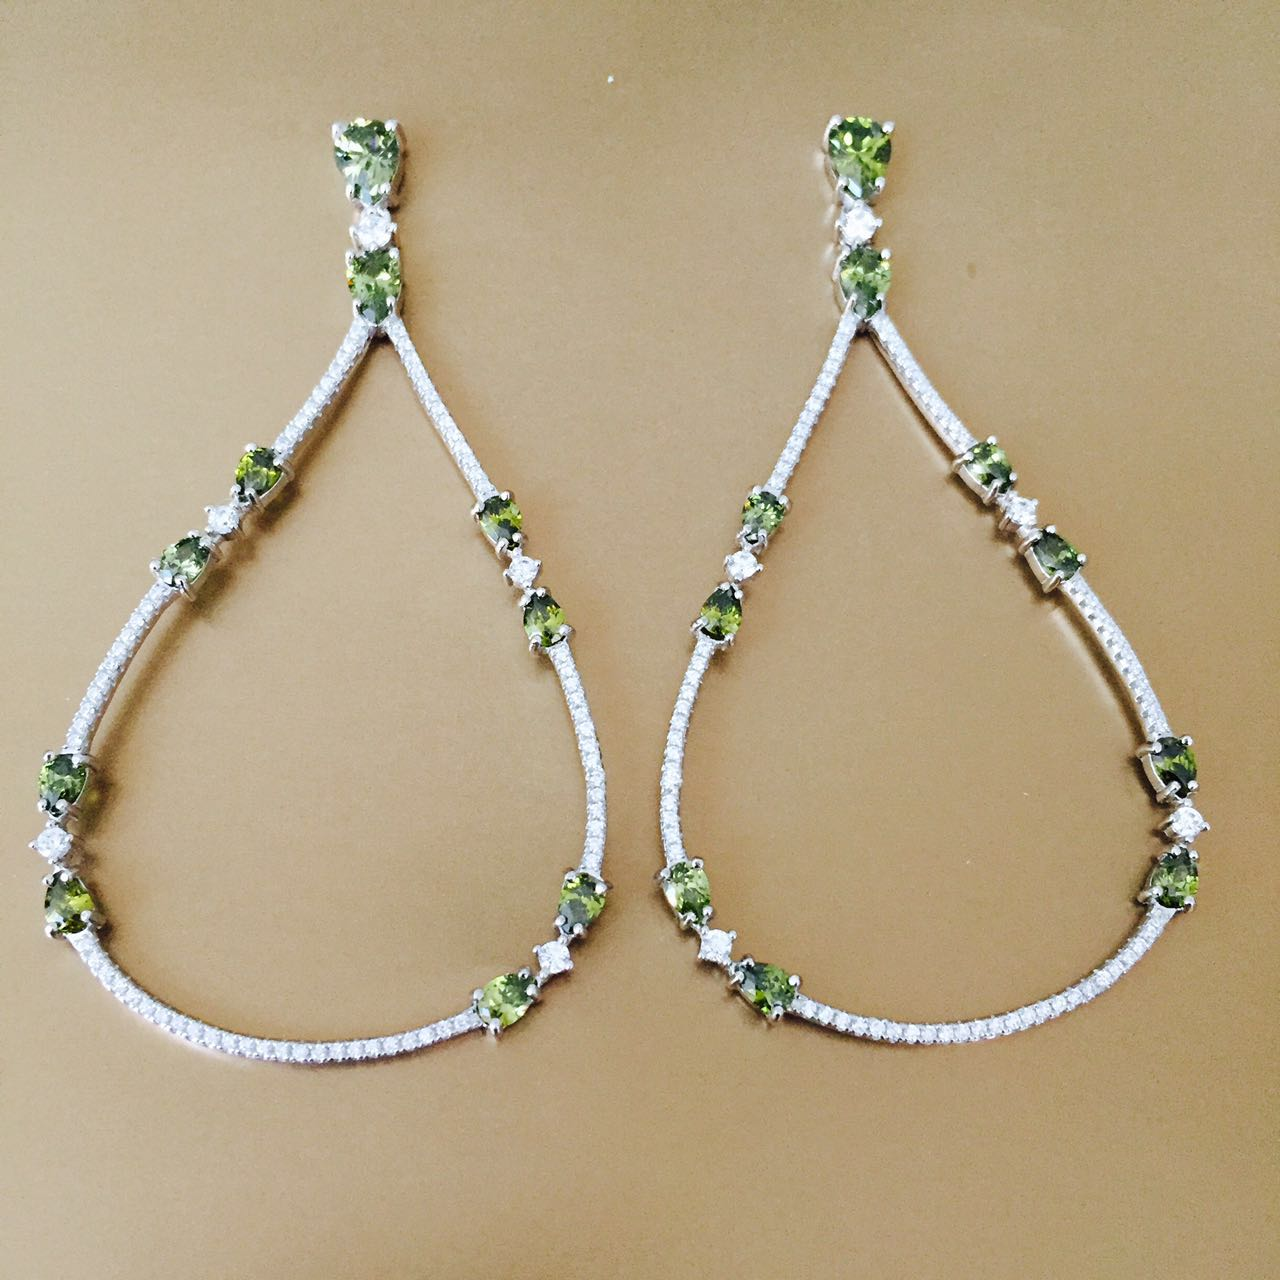 ... joias de prata 925 traz anéis com pedras coloridas, brincos em tamanho  grande com muito brilho, pulseiras fininhas com microcristais e pingente de  bola ... 153f9fc5df